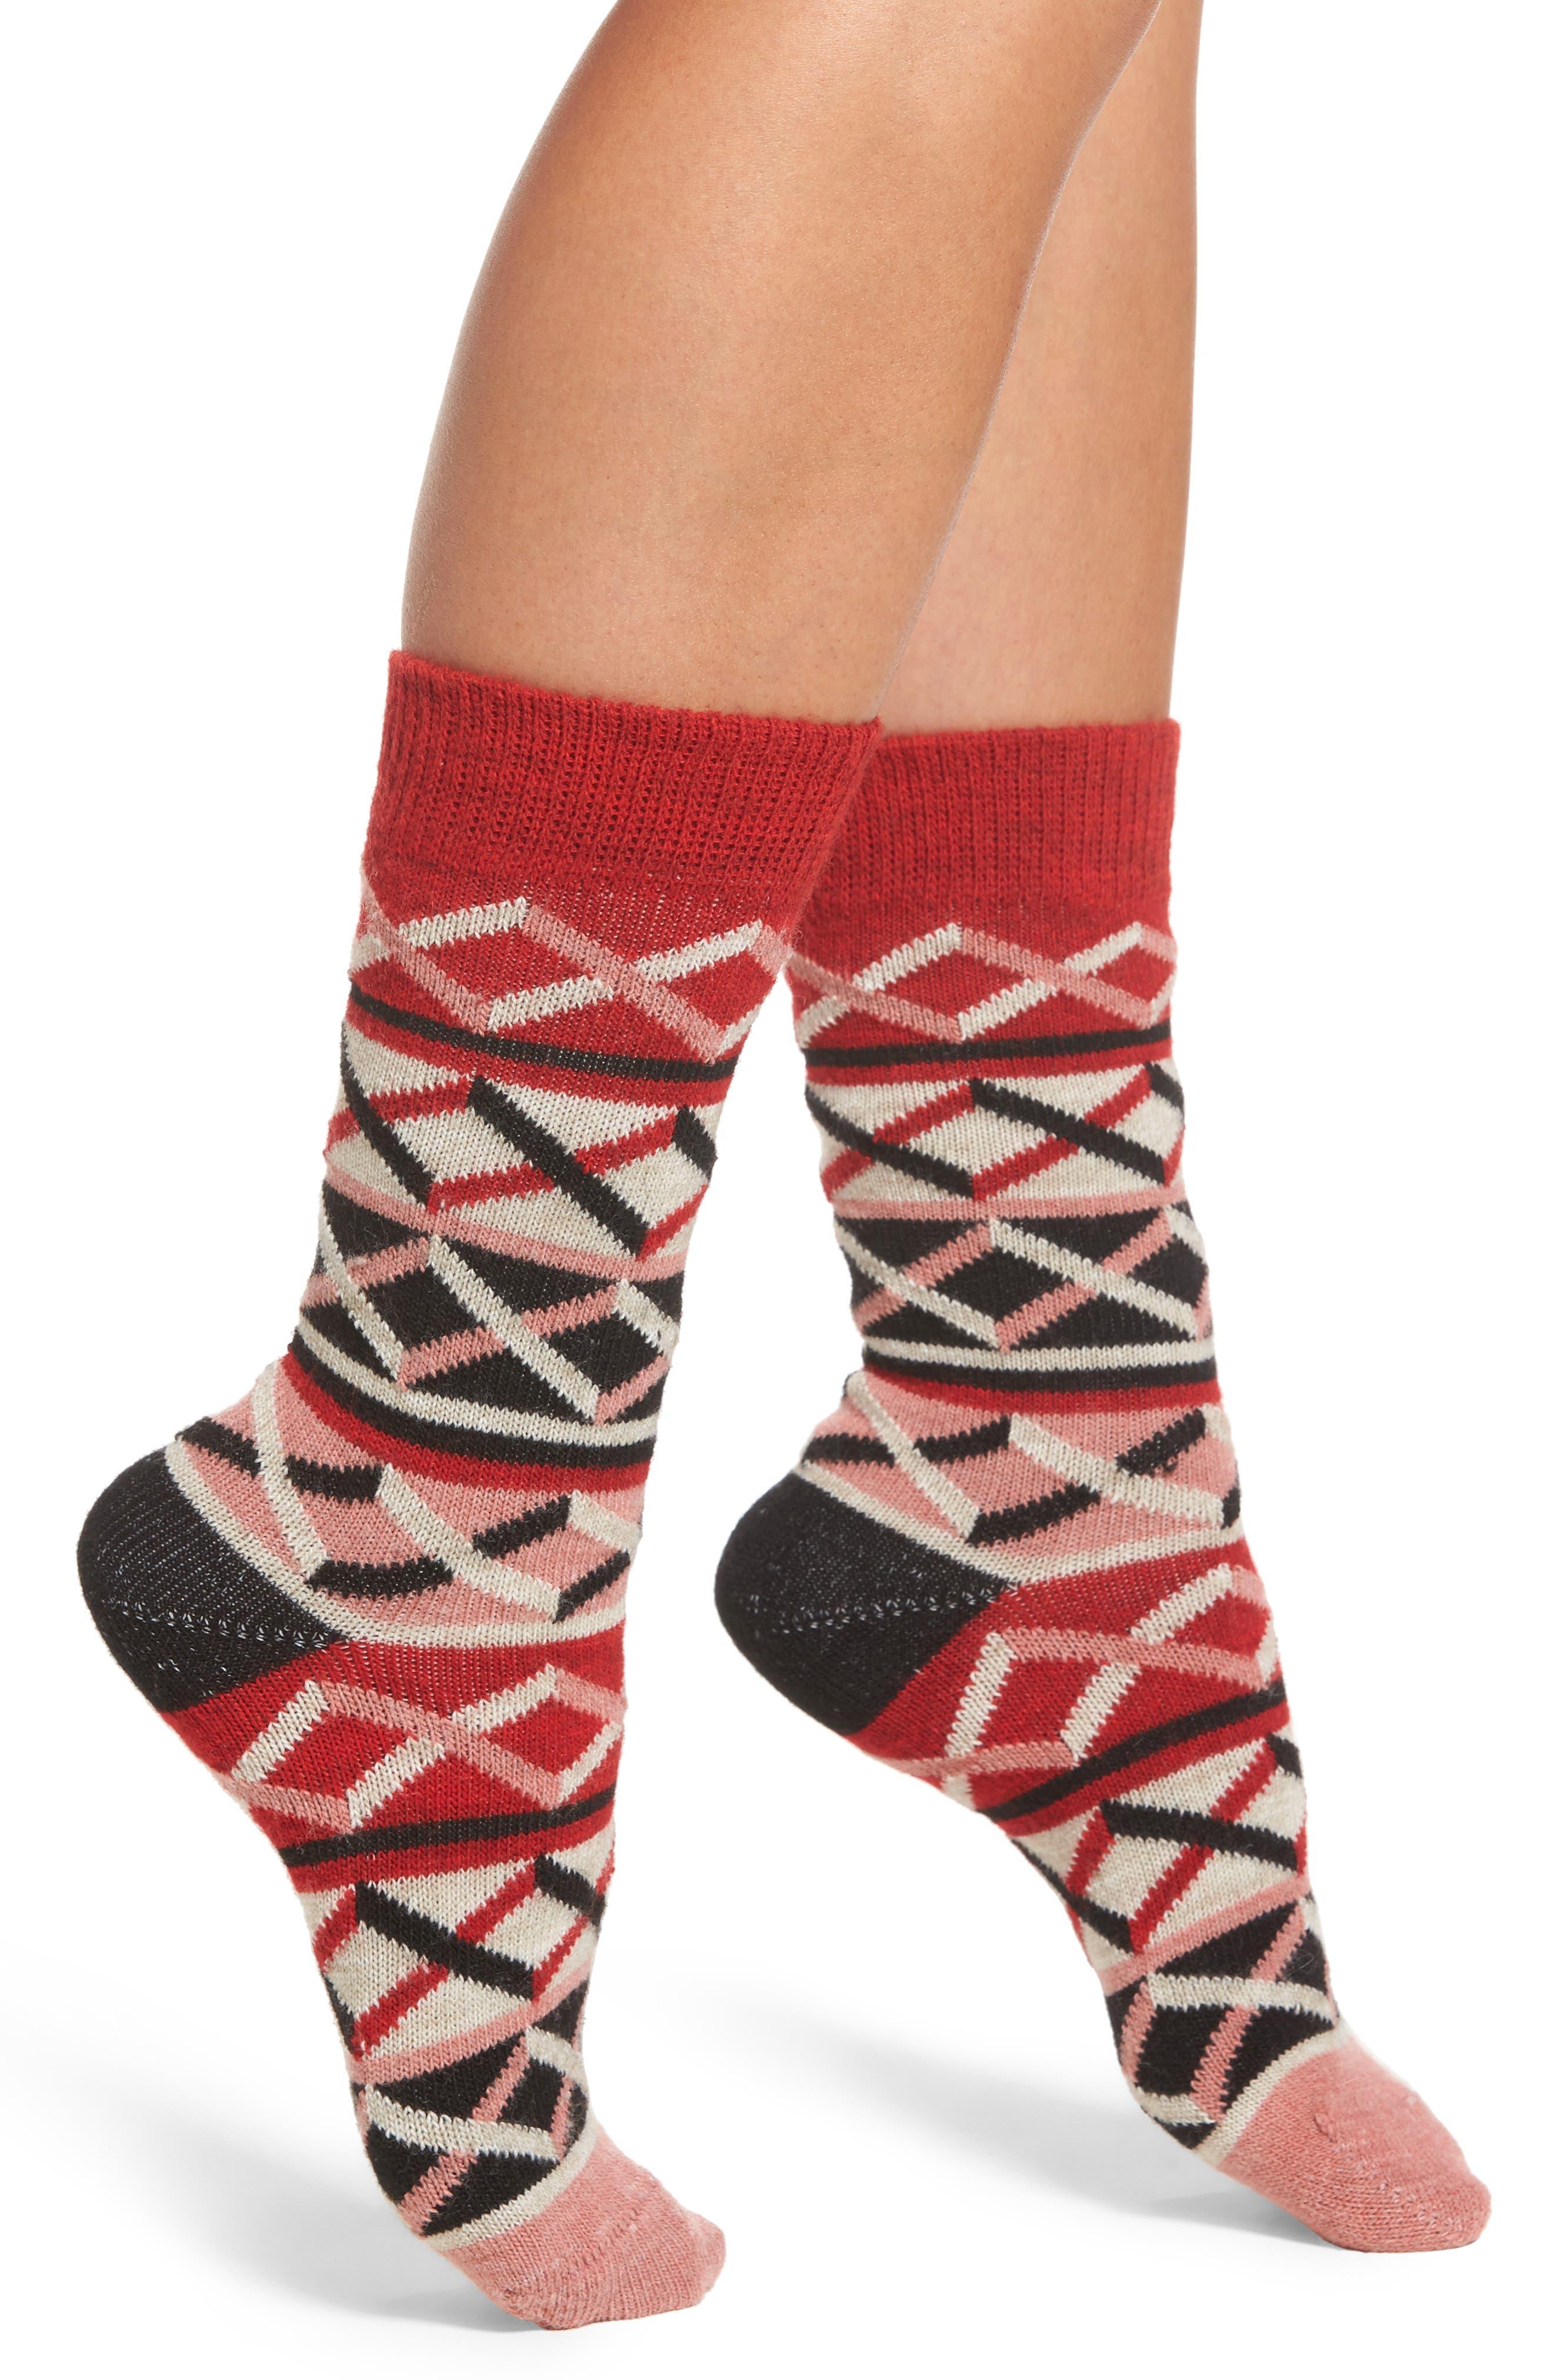 Ellinor Crew Socks,                             Main thumbnail 1, color,                             Red